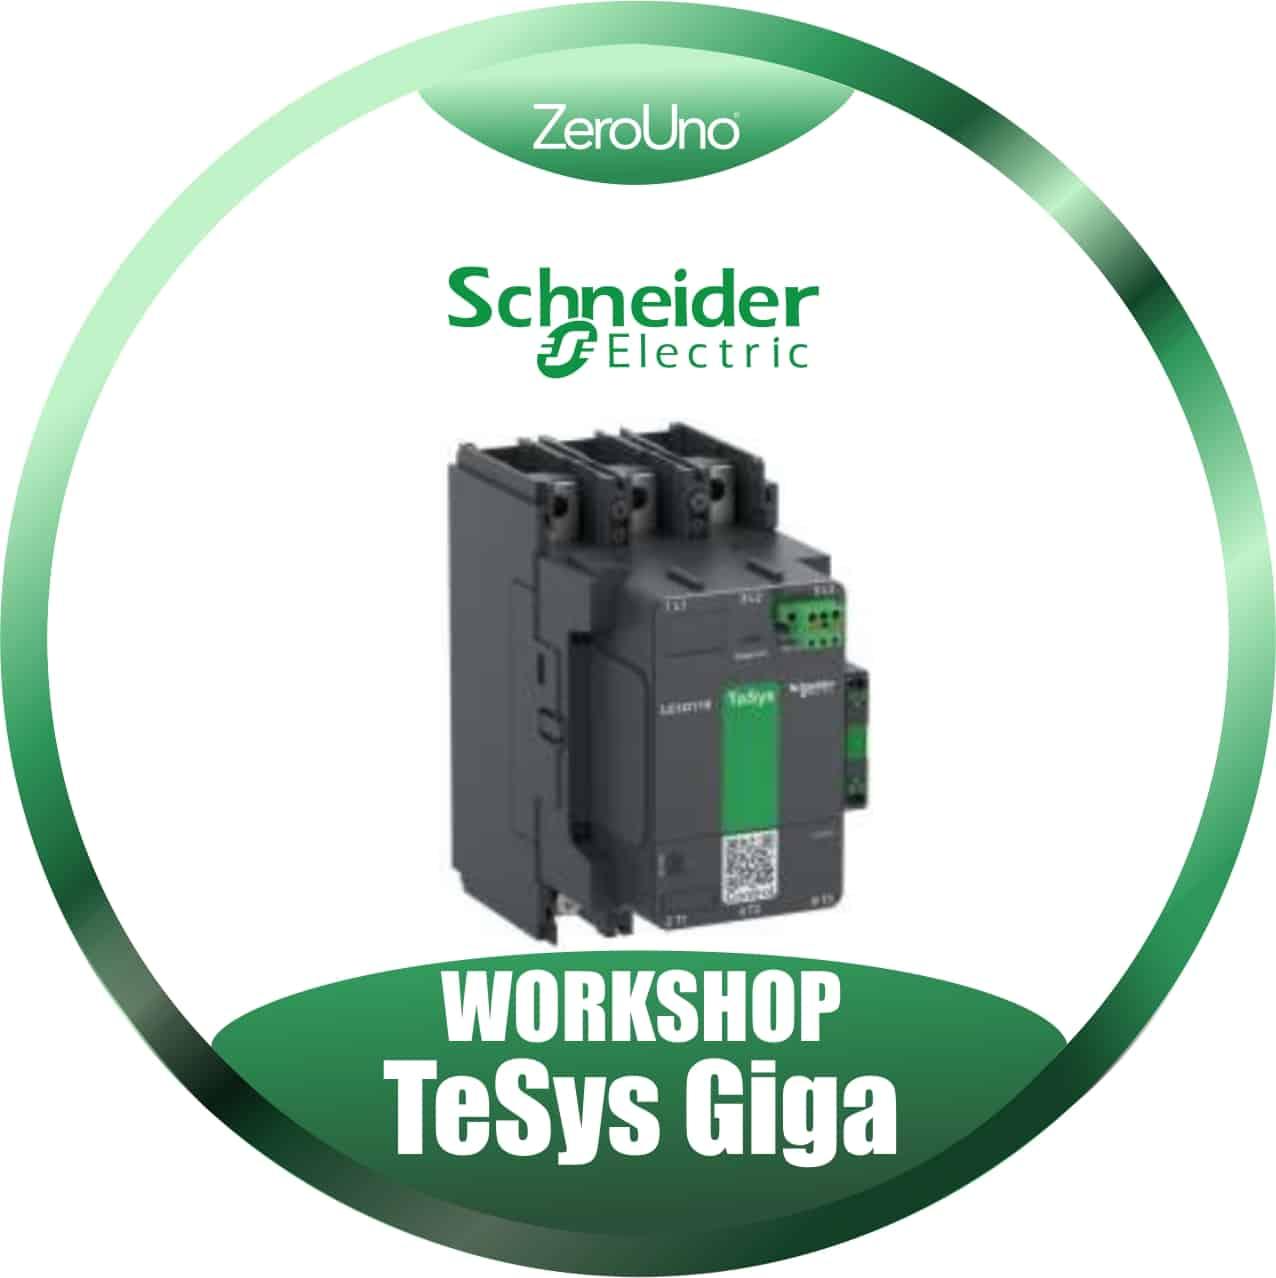 Schneider Workshop TeSys Giga   Elettrogruppo ZeroUno    Torino    Italia  disco anteprima news tesys giga